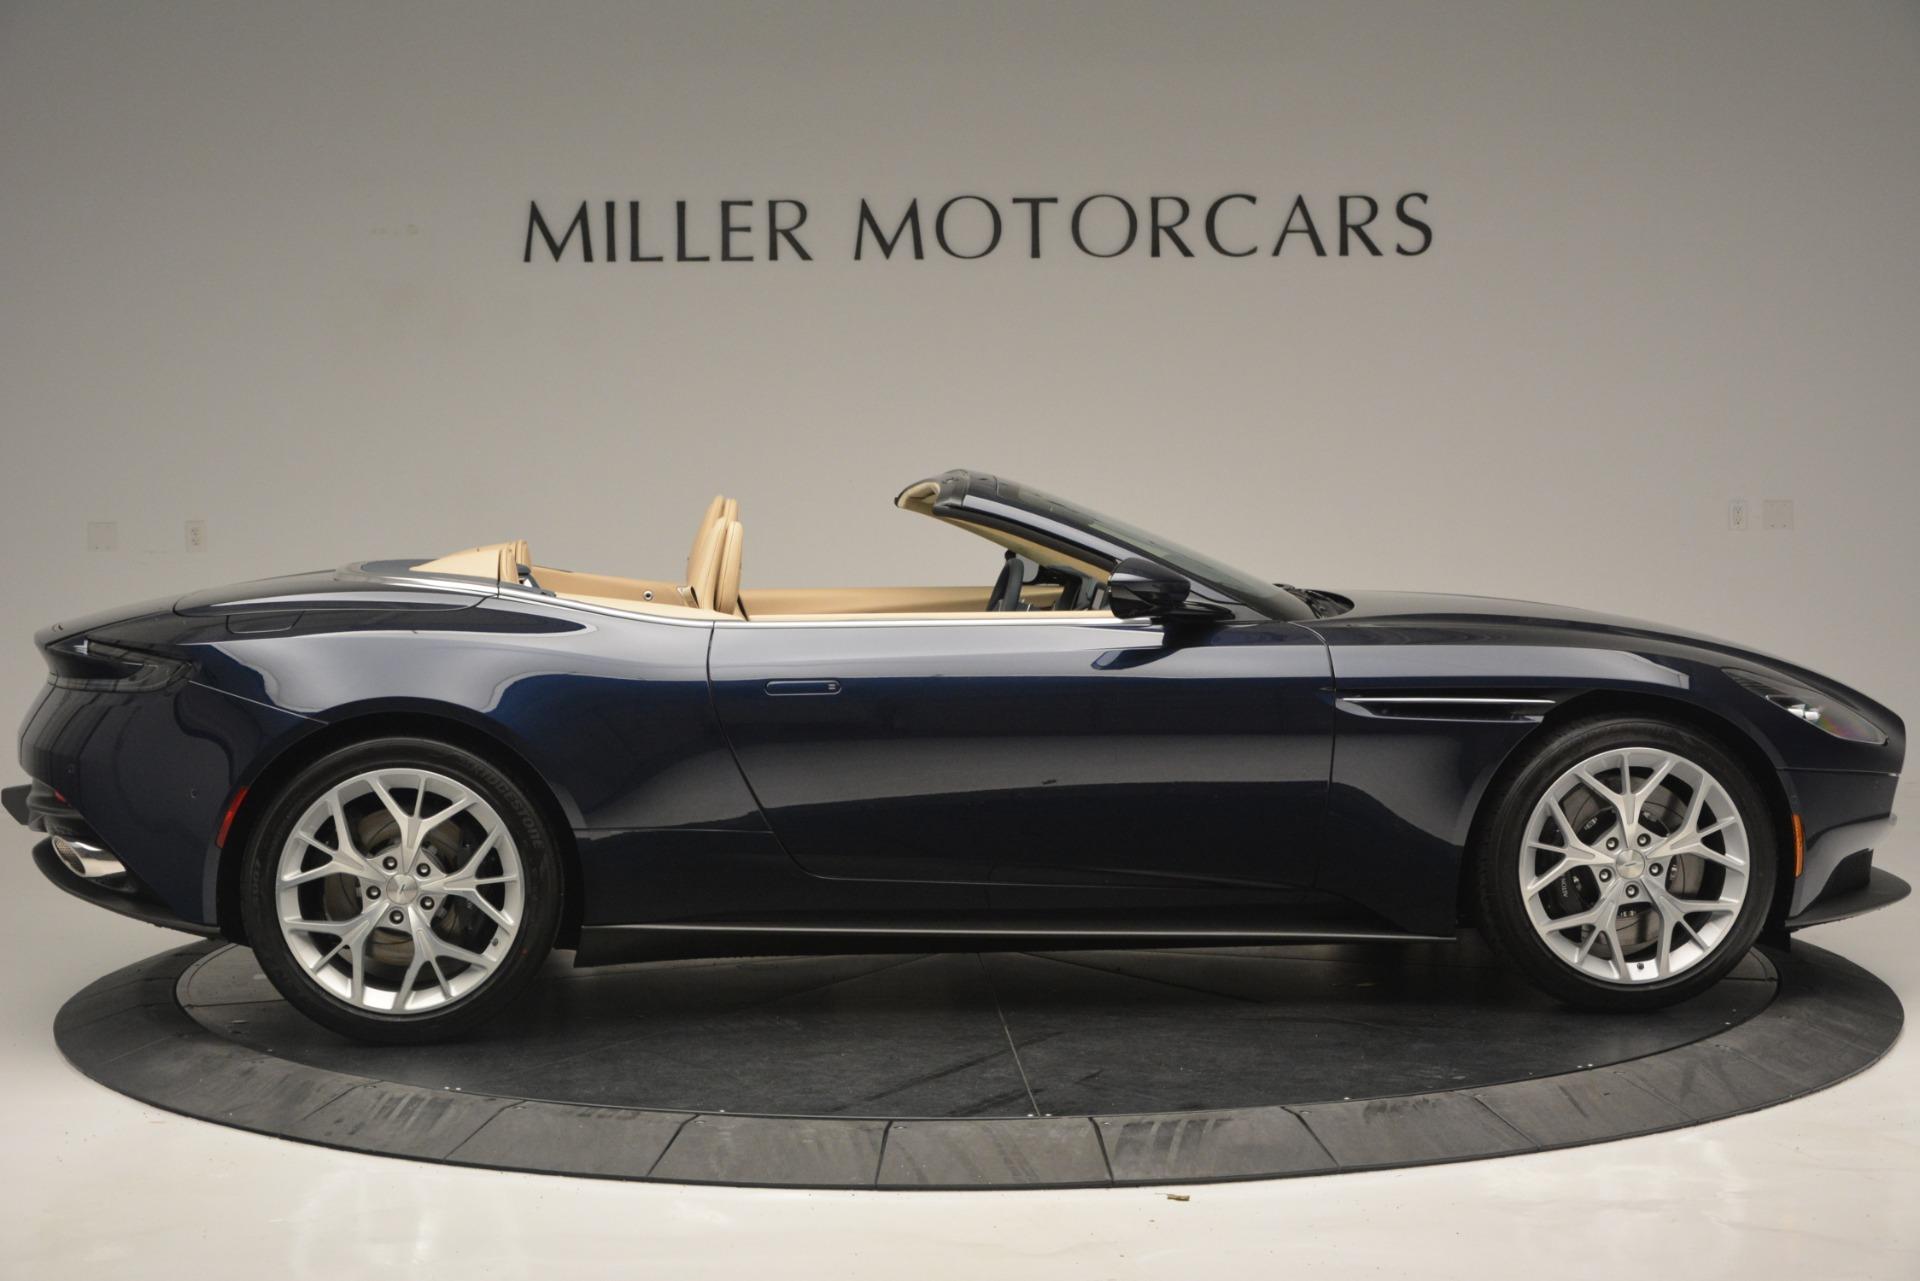 New 2019 Aston Martin DB11 Volante Volante For Sale In Greenwich, CT. Alfa Romeo of Greenwich, A1326 2594_p9